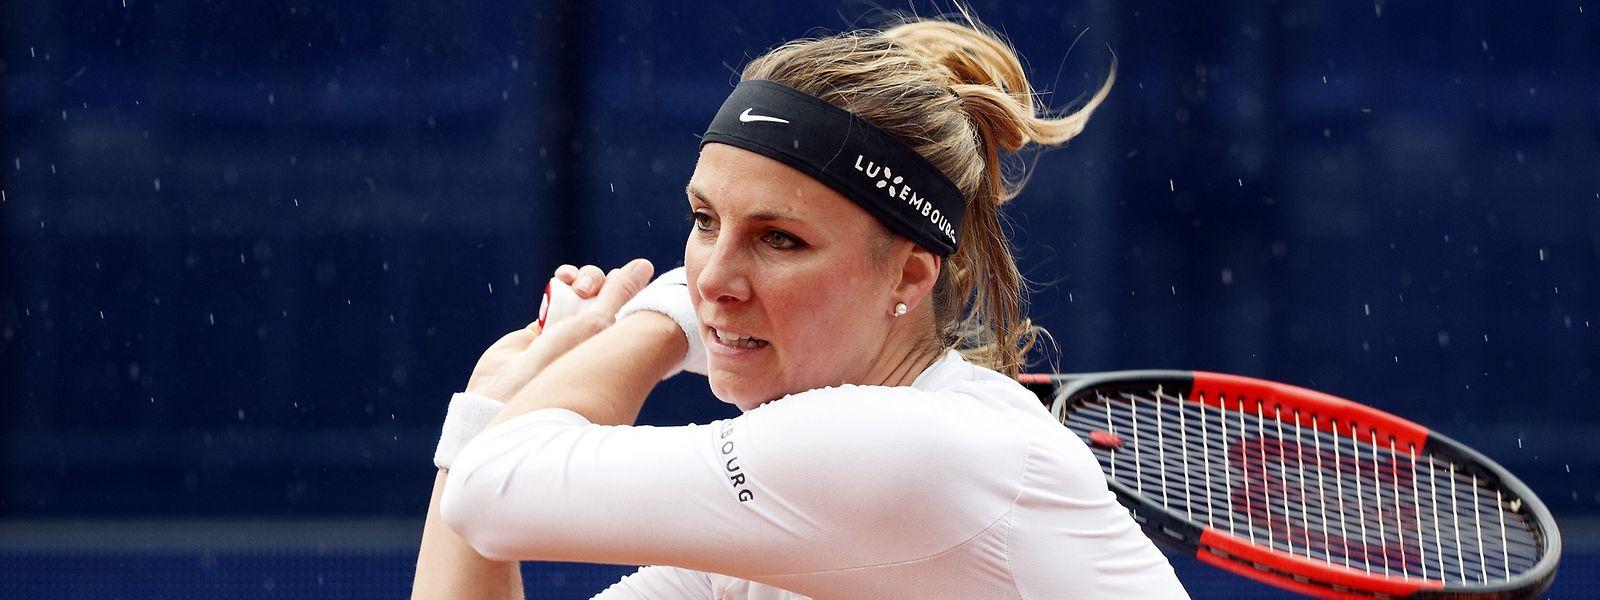 Mandy Minella spielt nun von Sonntag an in Roland Garros.